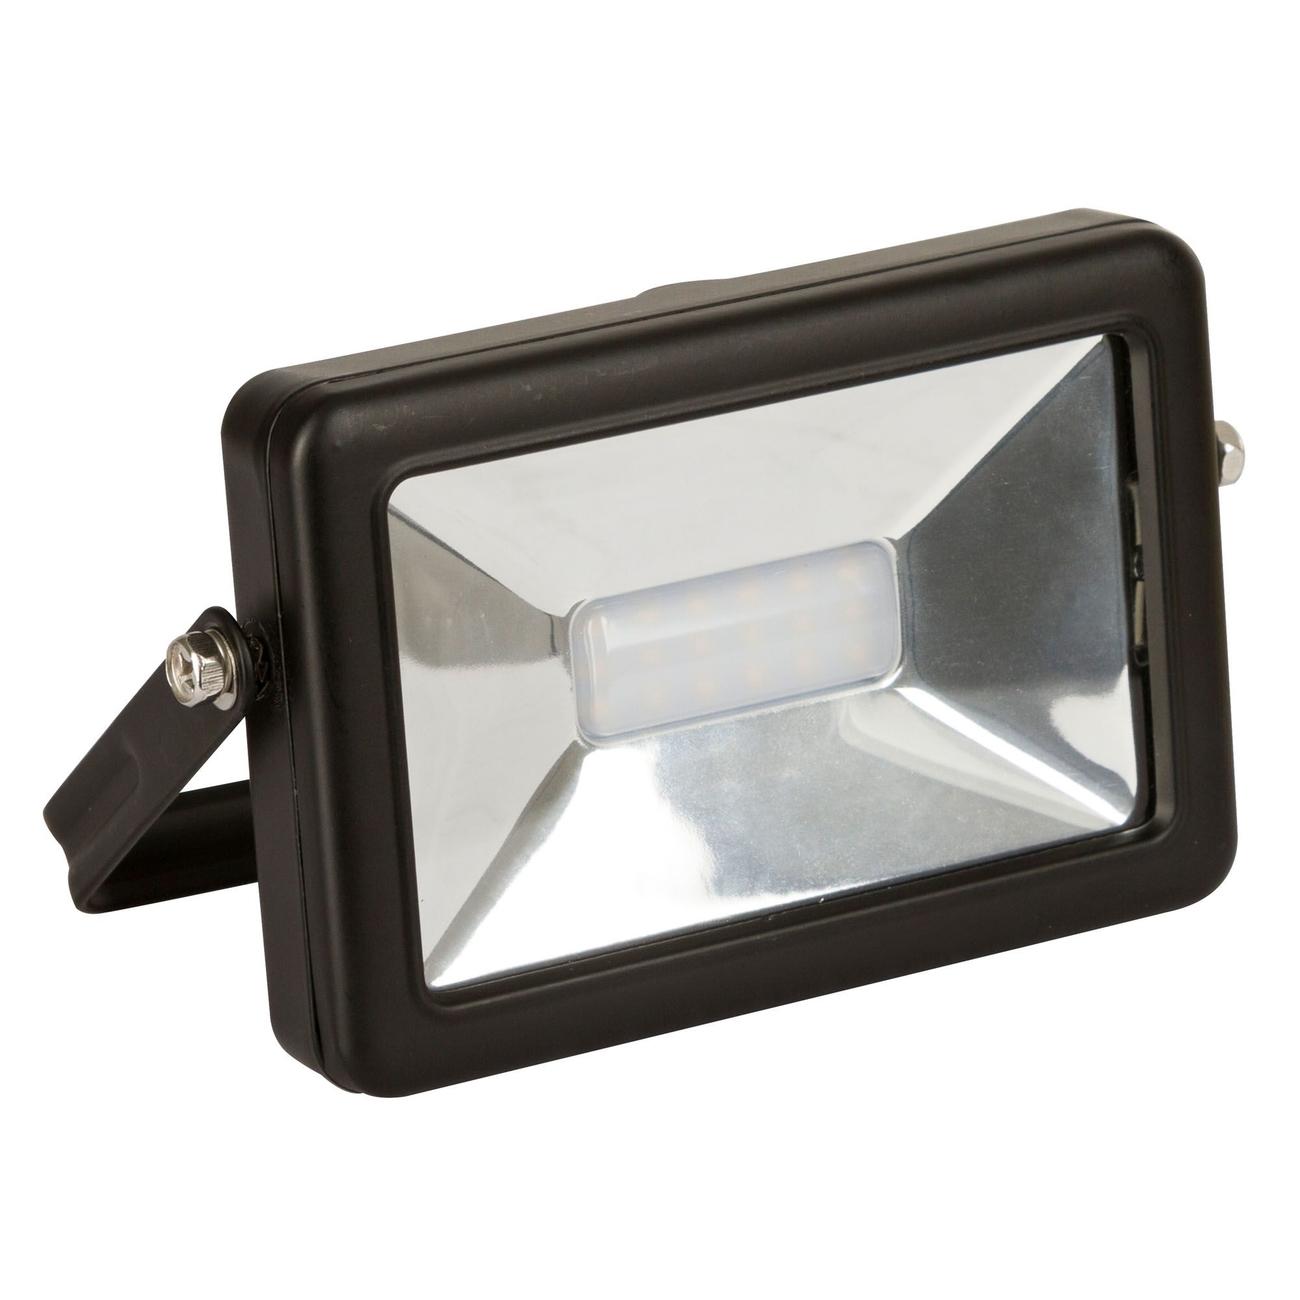 Kerbl LED-Außenstrahler mit oder ohne Bewegungsmelder, 20W, ohne Bewegungsmelder - 1600Im, B164xH127xT38mm